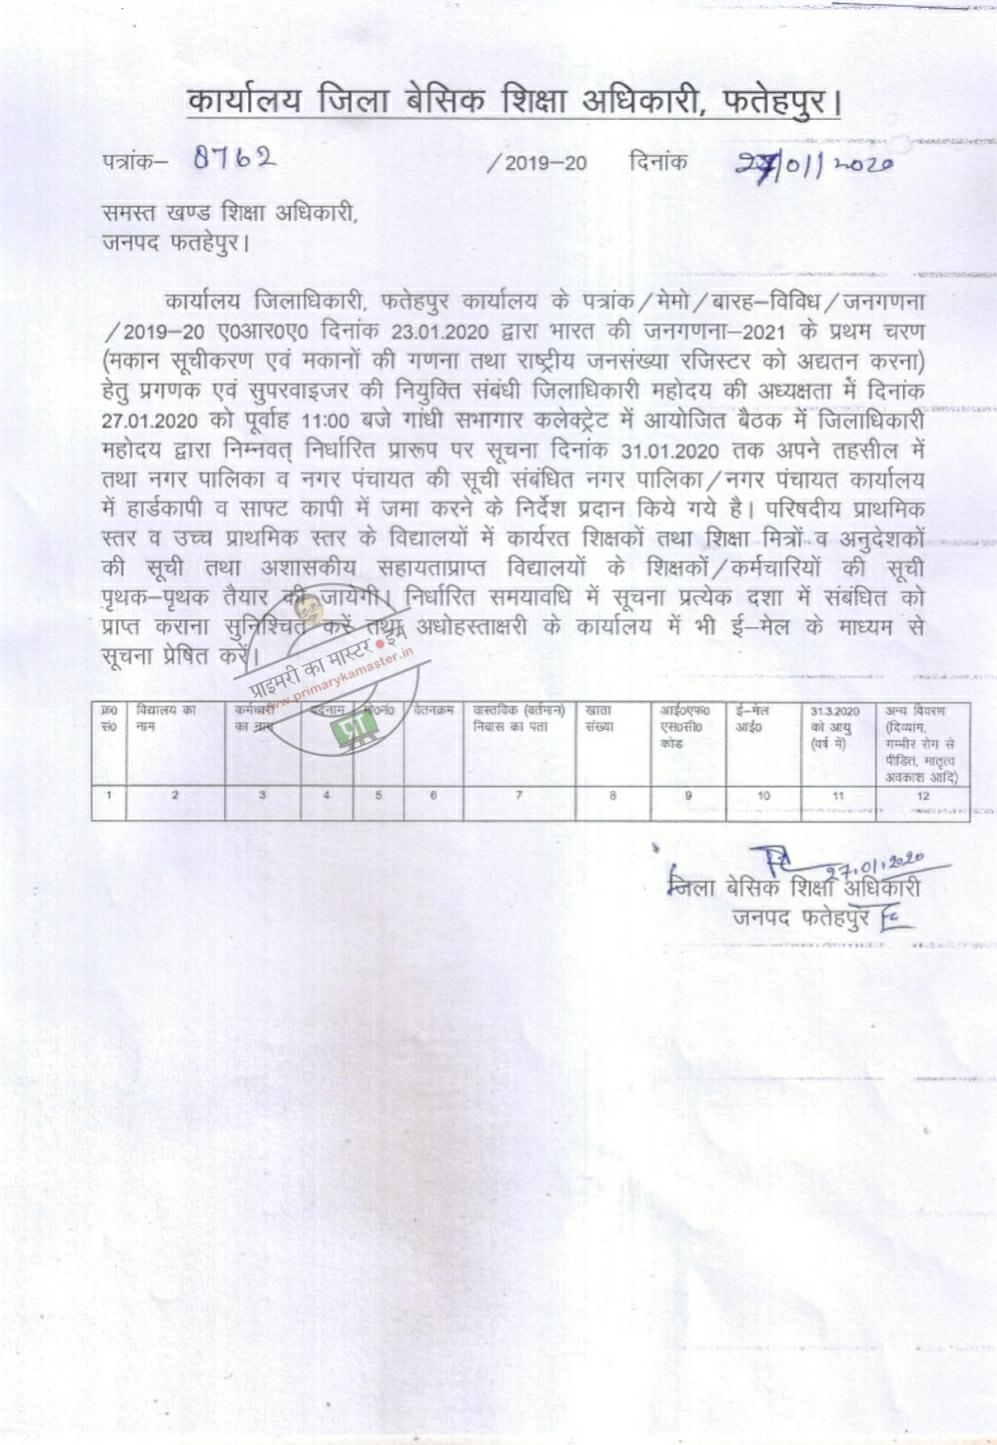 फतेहपुर: जनगणना के प्रथम चरण हेतु हेतु तय फॉरमैट में 31 जनवरी तक मांगी गयीं कार्मिकों की सूचना